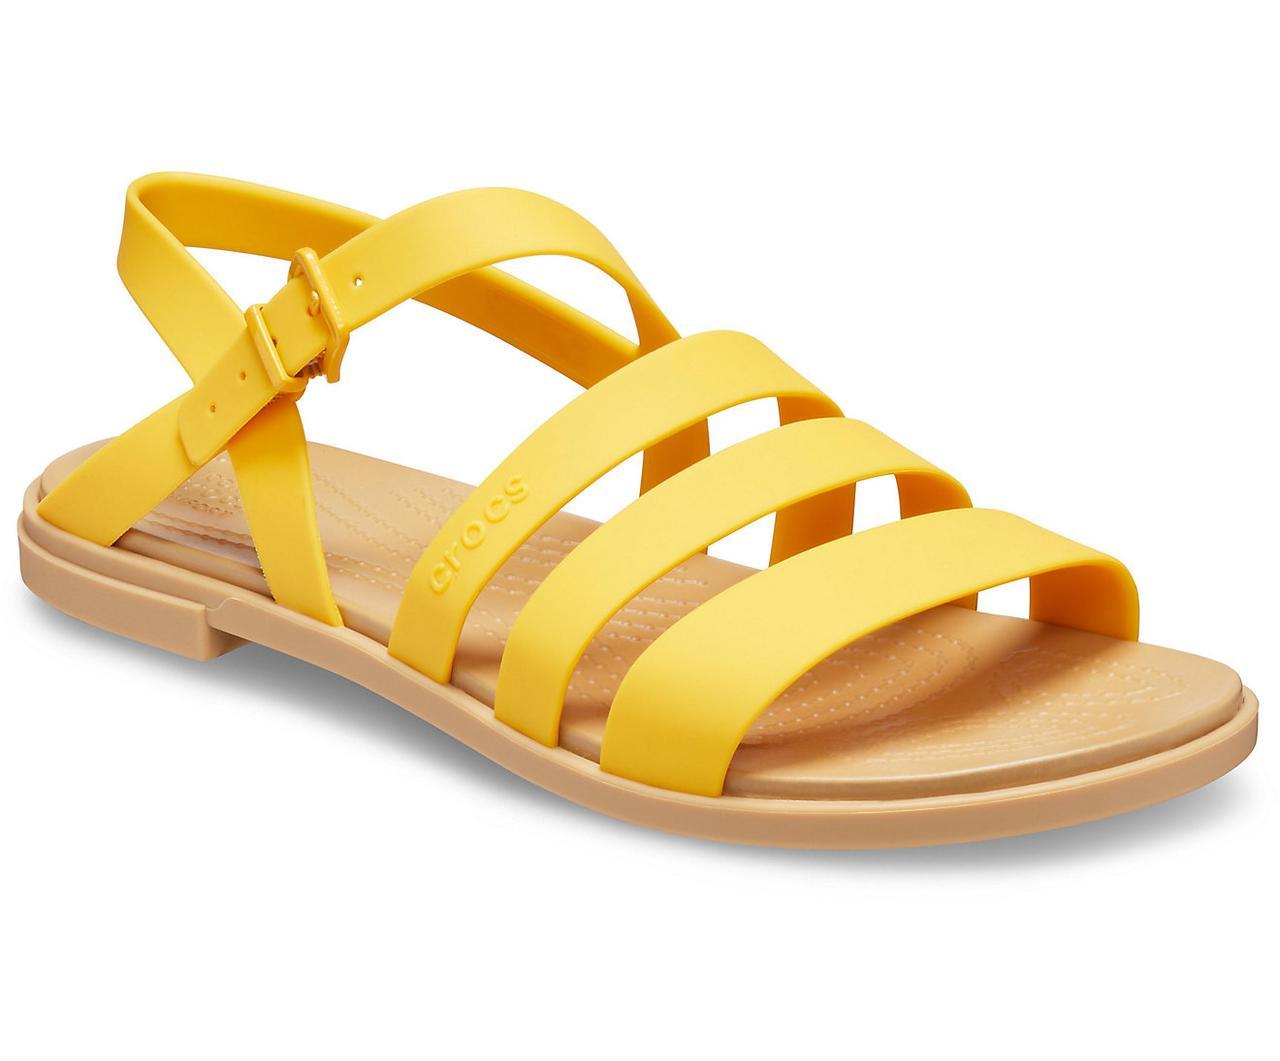 Босоніжки жіночі сандалі Крокси оригінал / Crocs women's Tulum Sandal (206107), Жовті